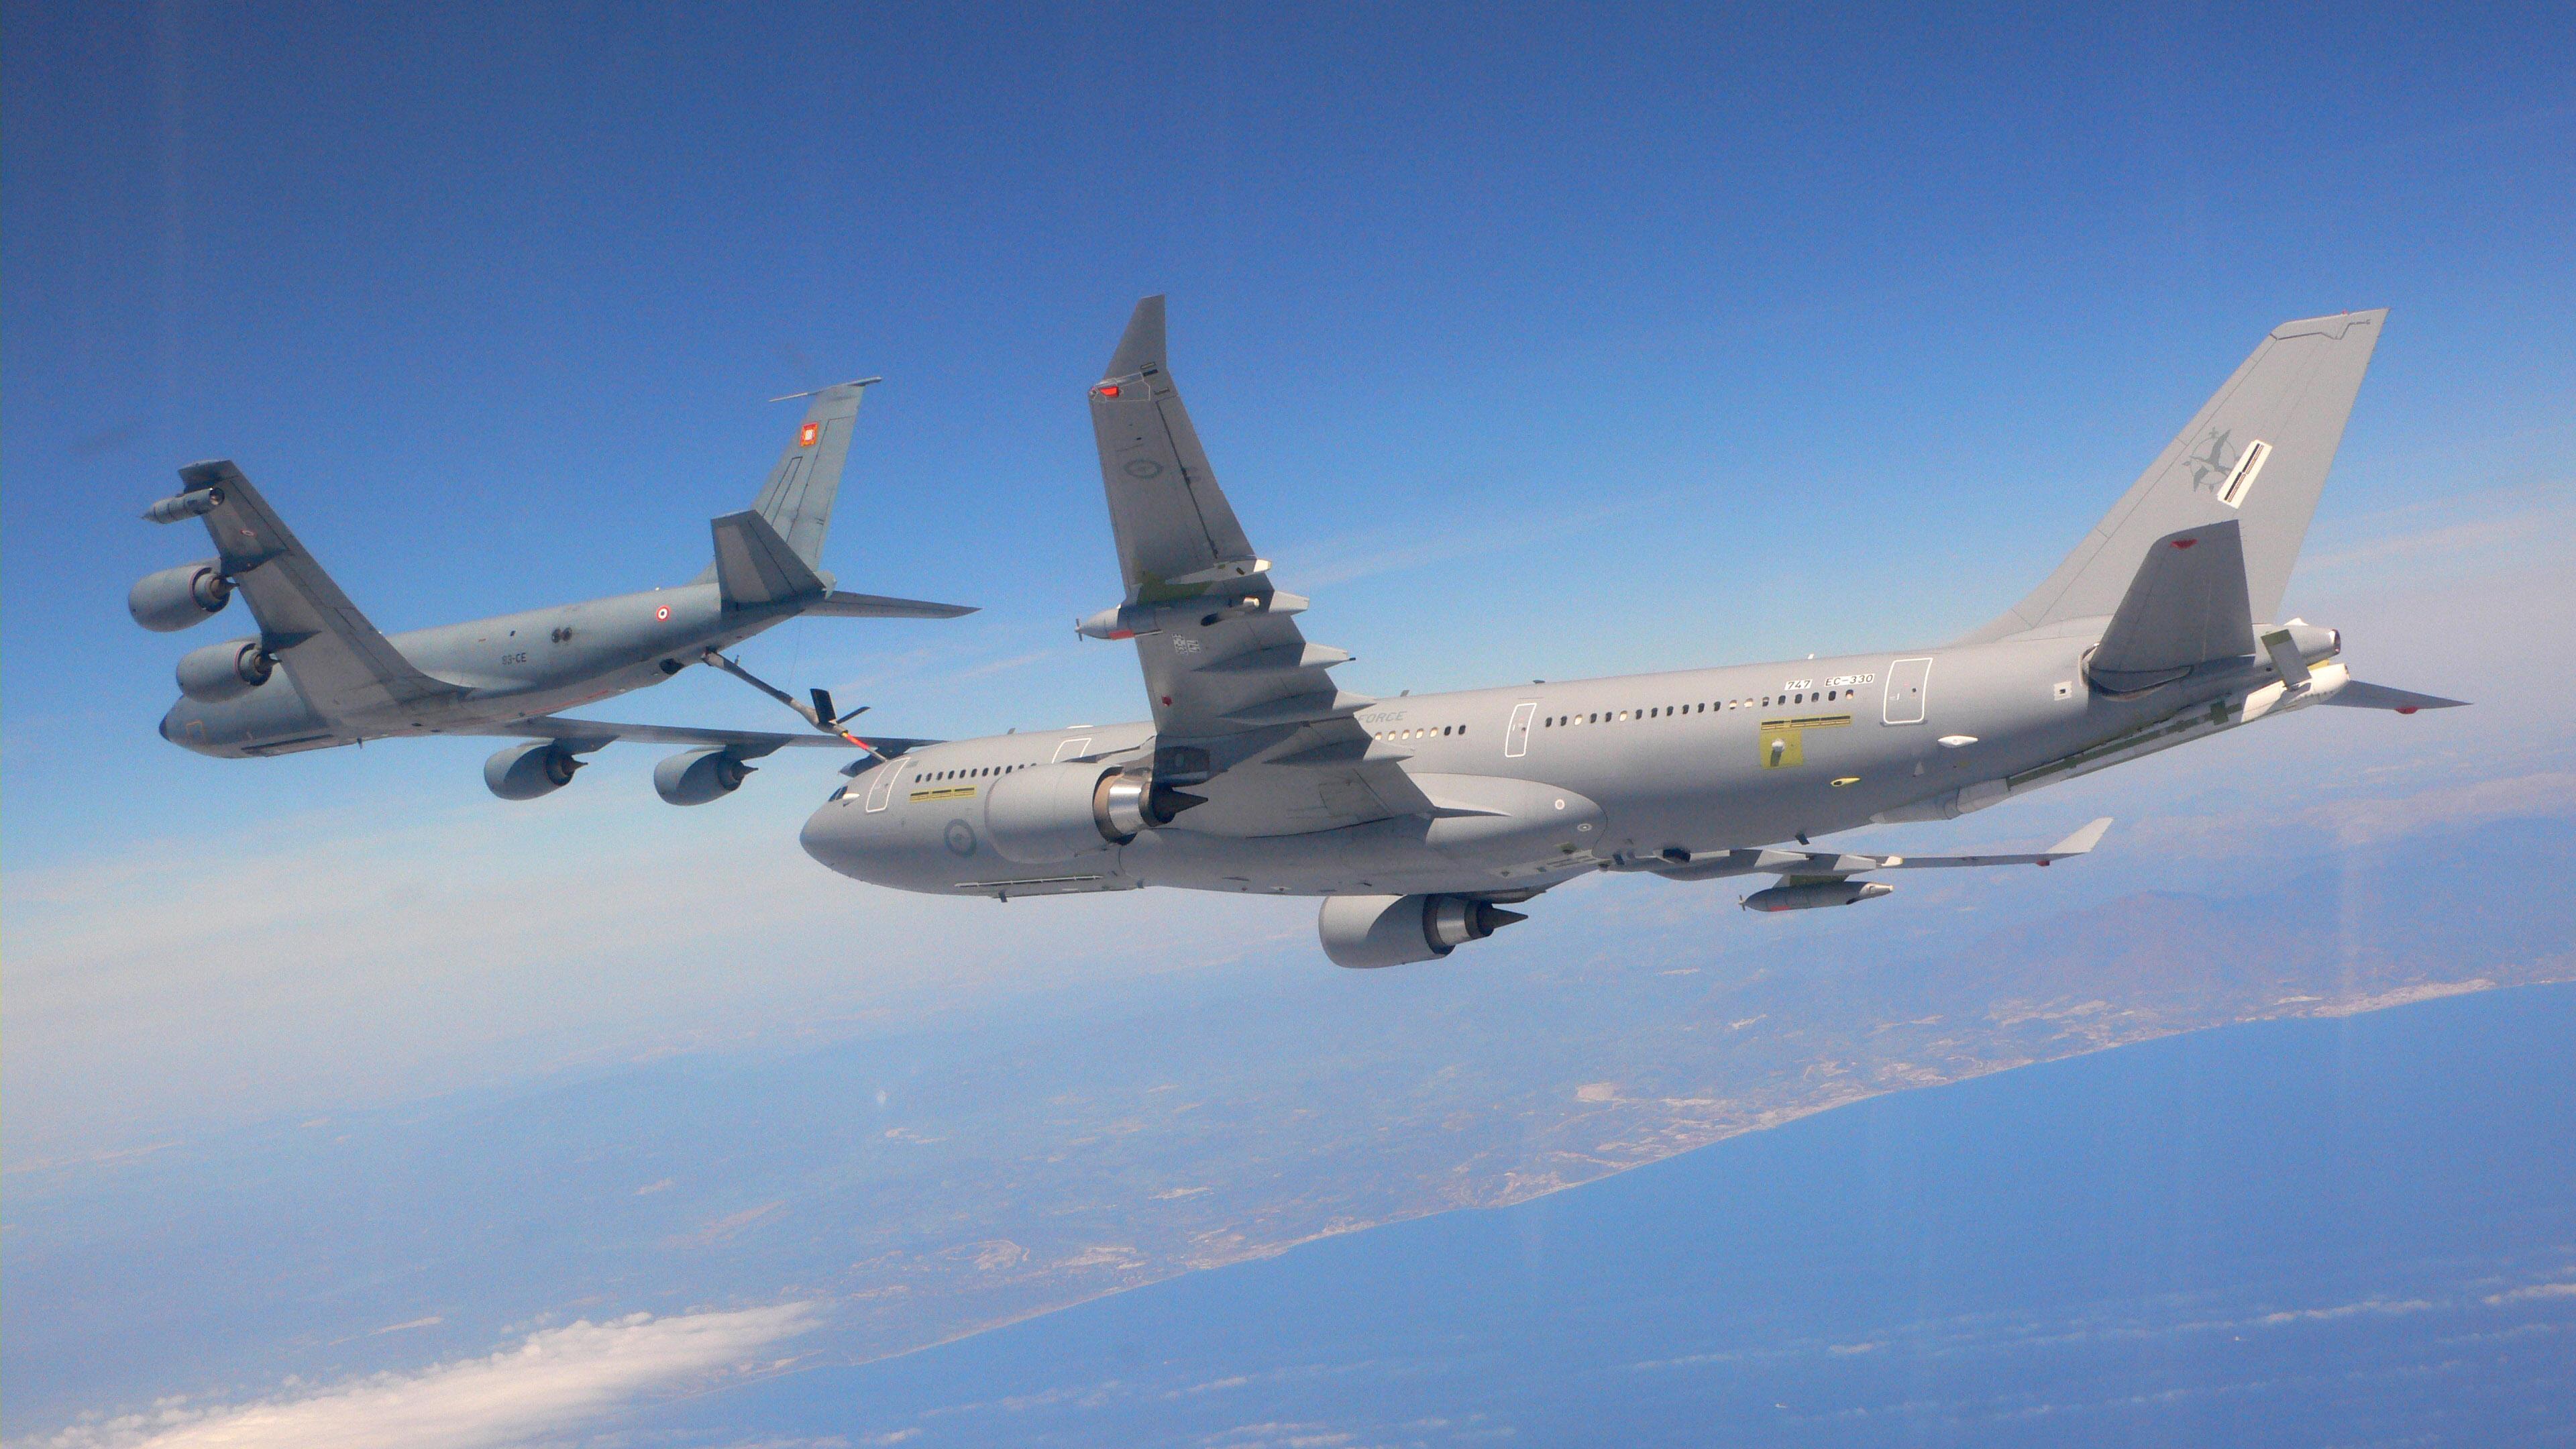 تصور المنتدى العسكري العربي لما تحتاجه القوات الجوية المغربية Mrtt-2-24_04_091